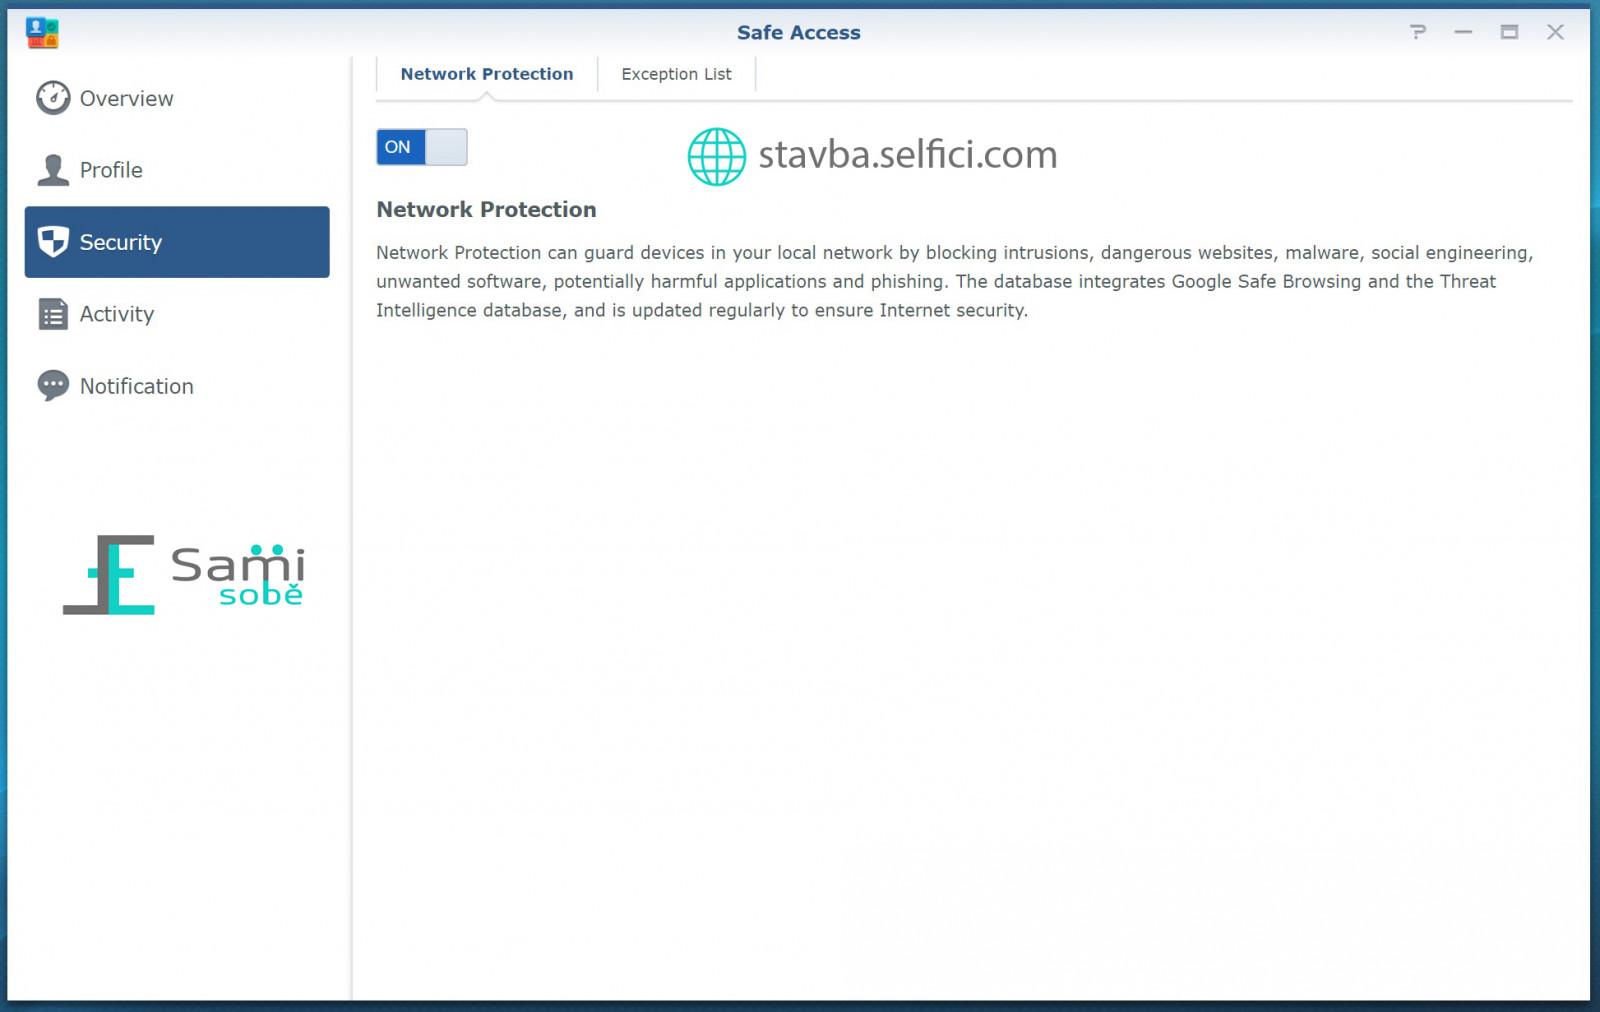 Ochrana před škodlivými weby v Safe Access